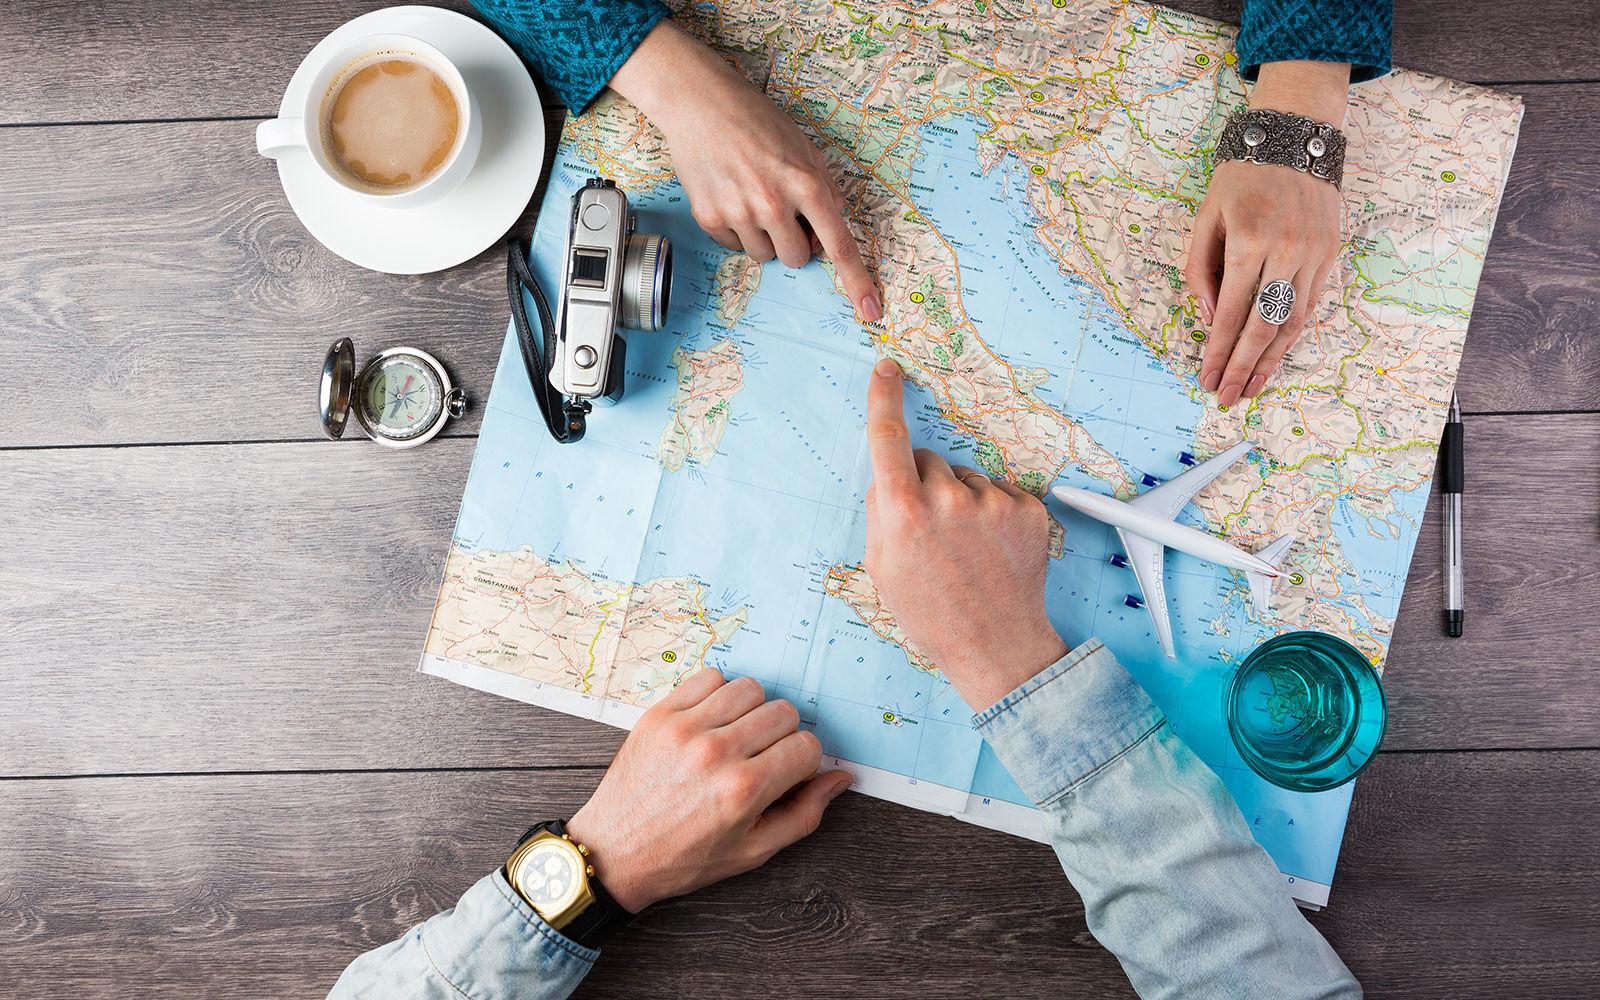 Merencanakan Perjalana